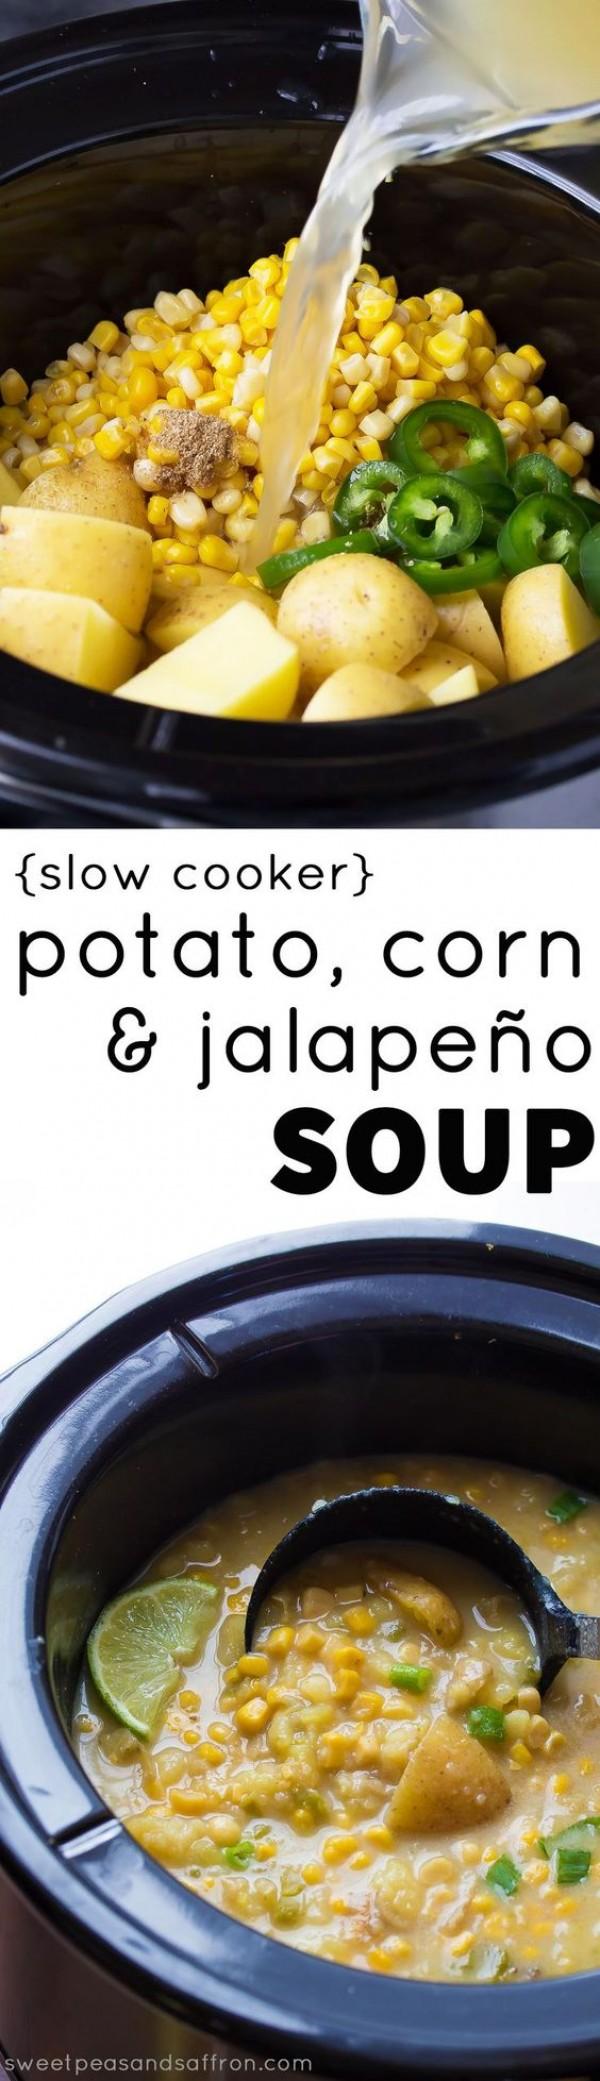 Get the recipe Potato Corn and Jalapeno Soup @recipes_to_go